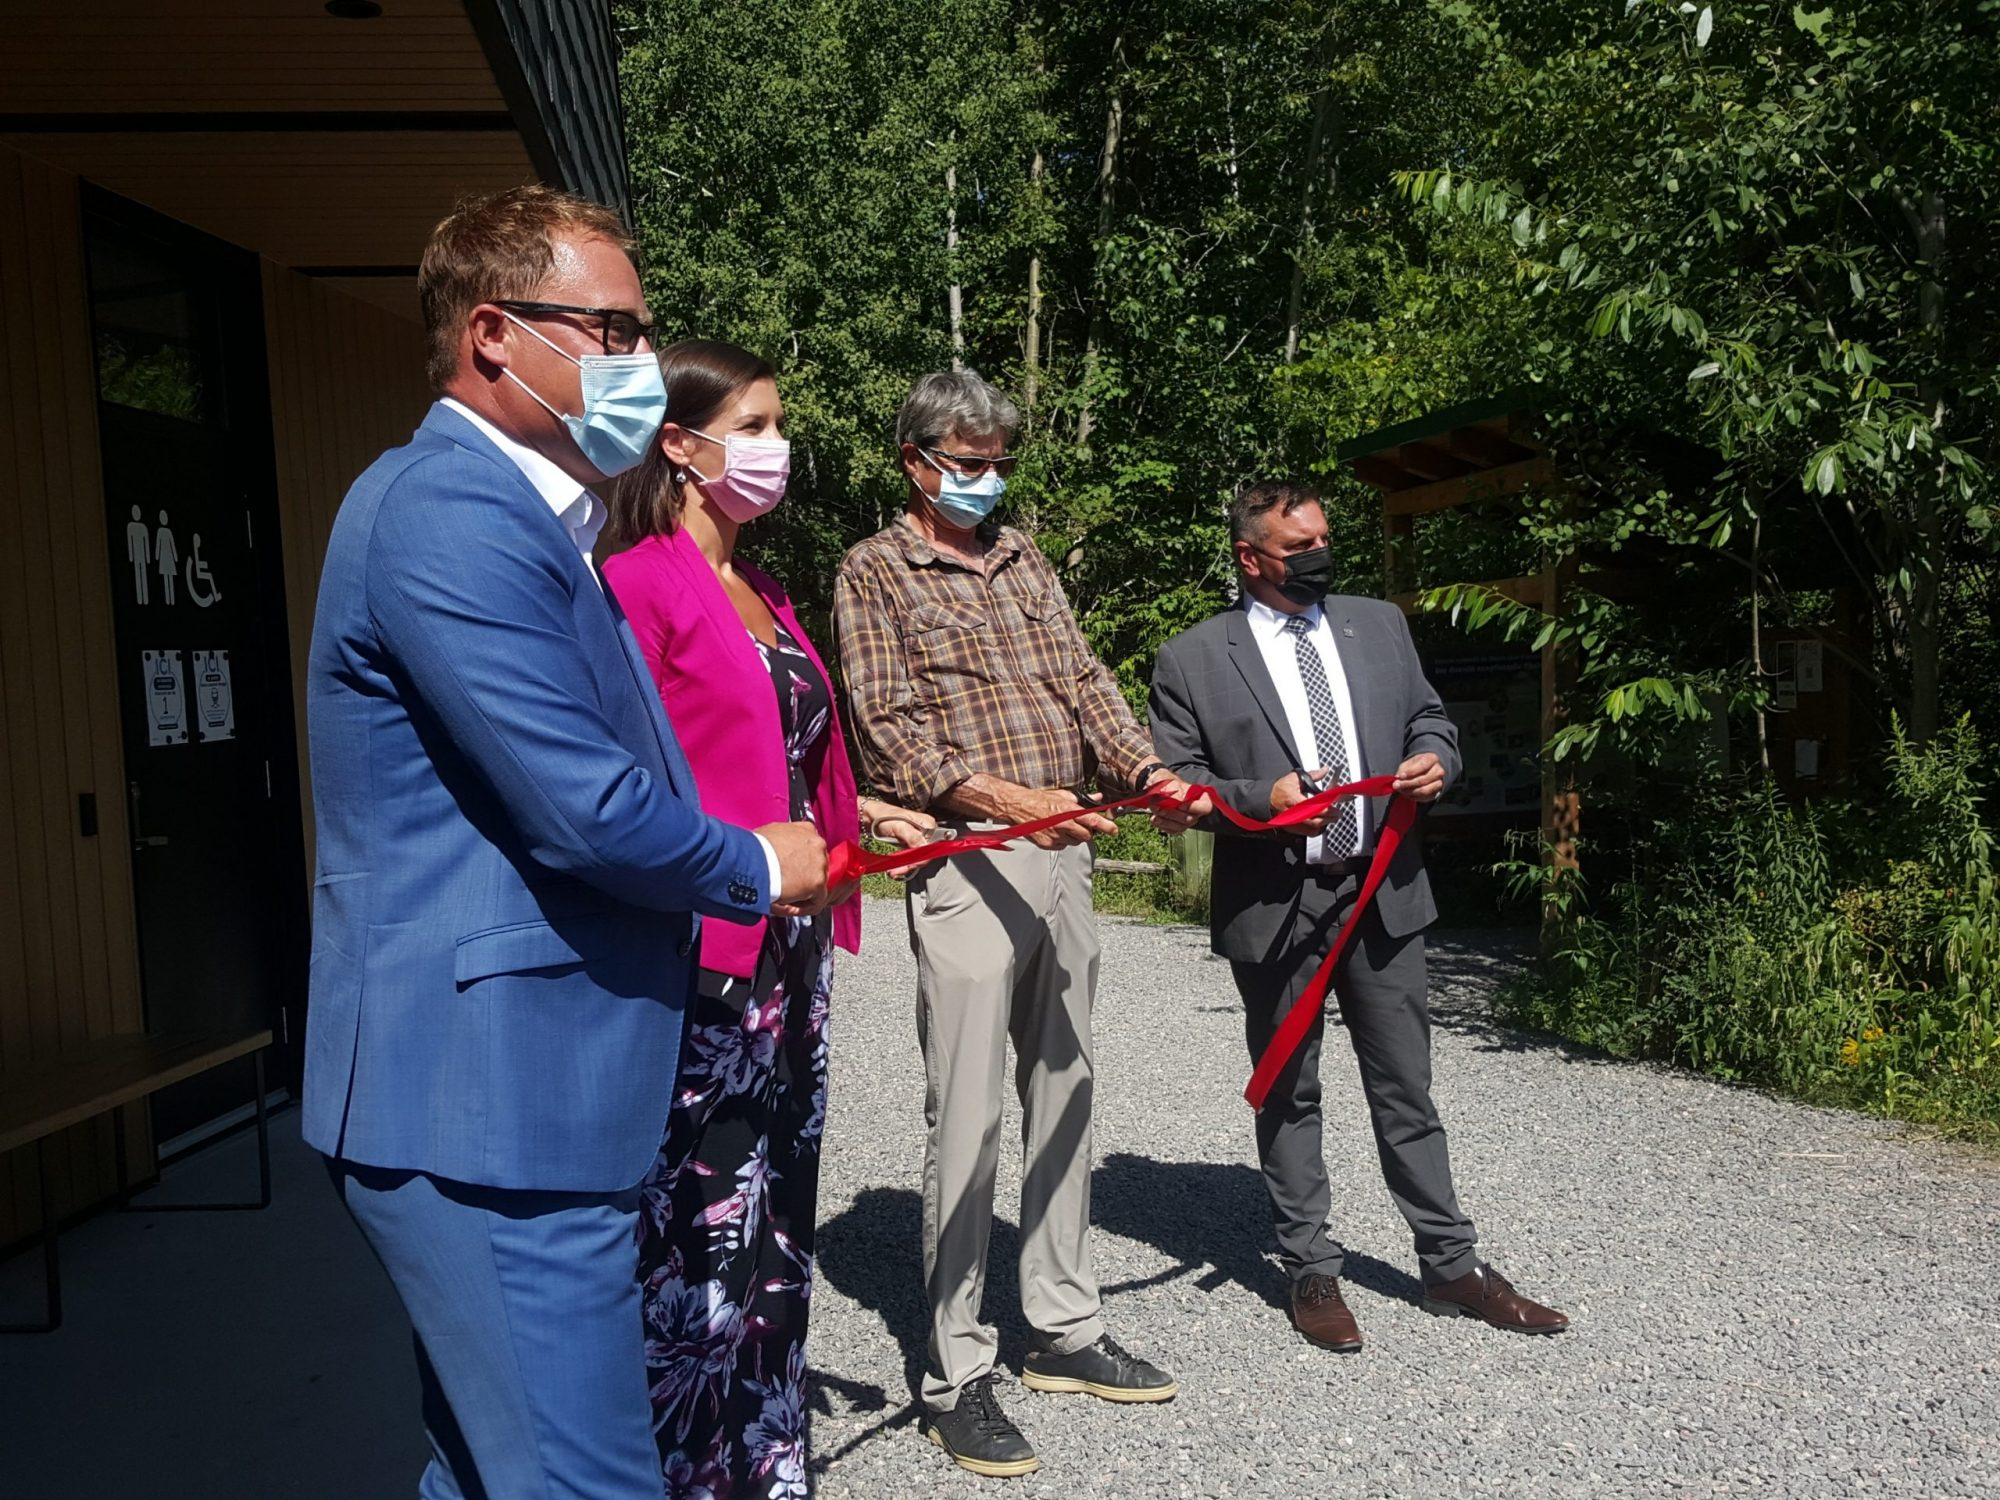 Le cordon est enfin coupé! Le nouveau pavillon d'accueil à la réserve naturelle du Marais-Léon-Provancher est maintenat inauguré officiellement en ce jour du 18 août 2021. Cela s'est fait en présence de : M. Bernard Gaudreau, Mme Geneviève Guilbault, M. Daniel St-Onge, M. Vincent Caron.